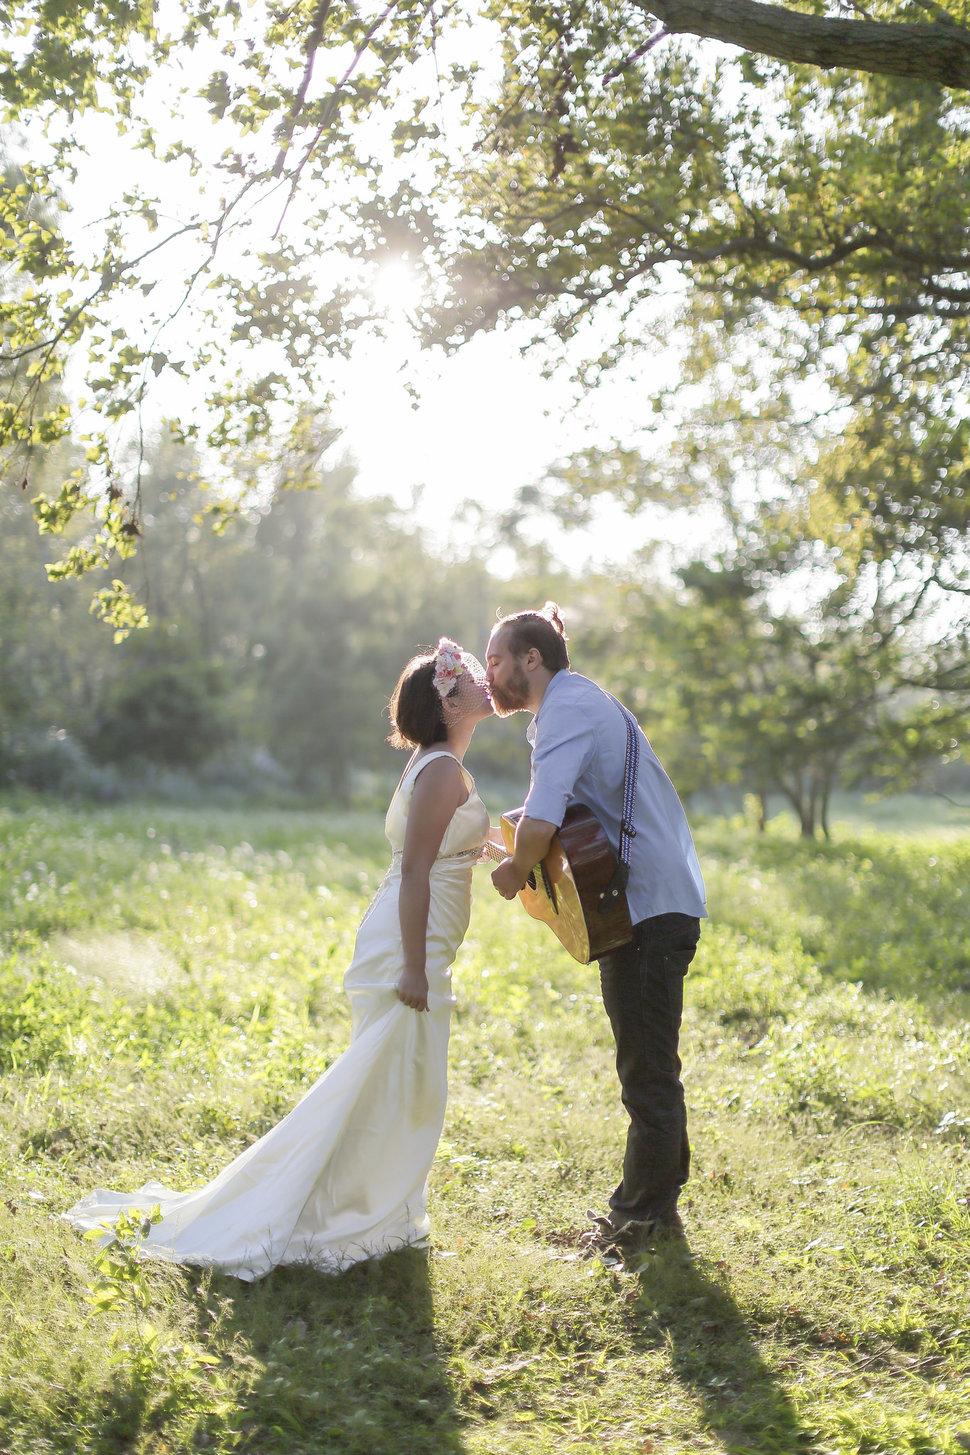 國內婚紗(編號:5272) - AC Photography - 結婚吧